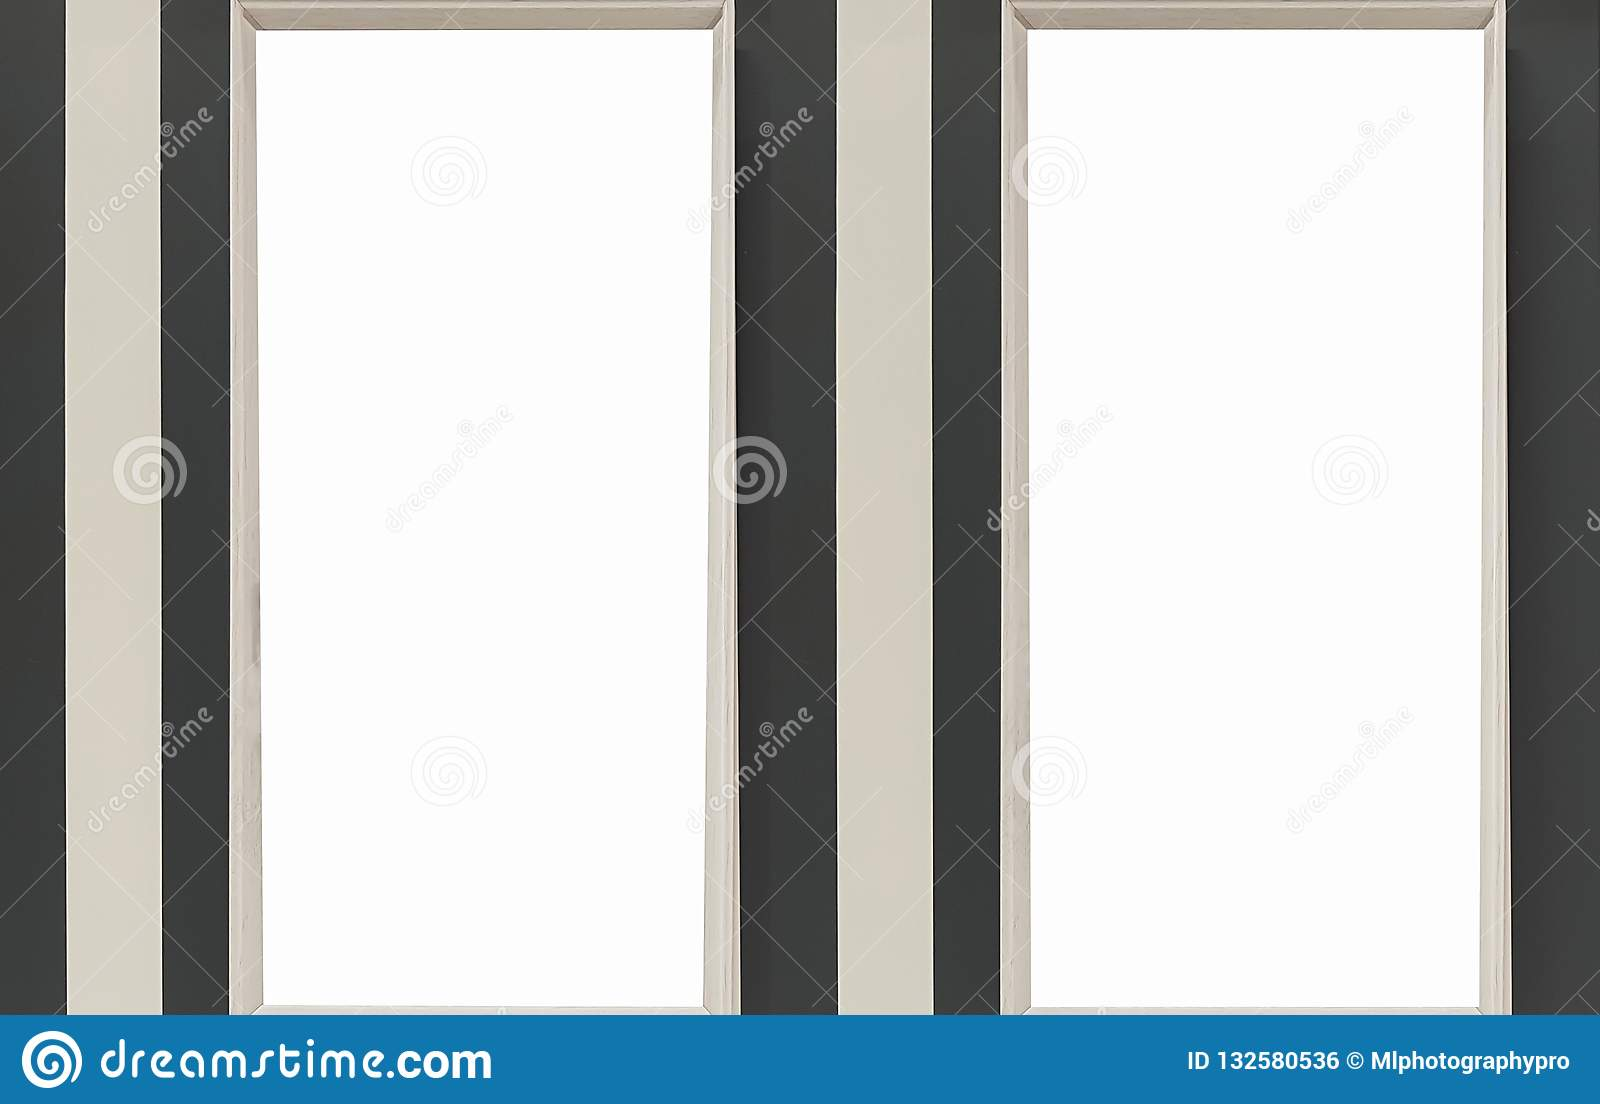 Dwa Pusta rama Na półce Z książkami Pusty reklama sztandaru plakata egzamin próbny W górę Odosobnionej szablonu ścinku ścieżki